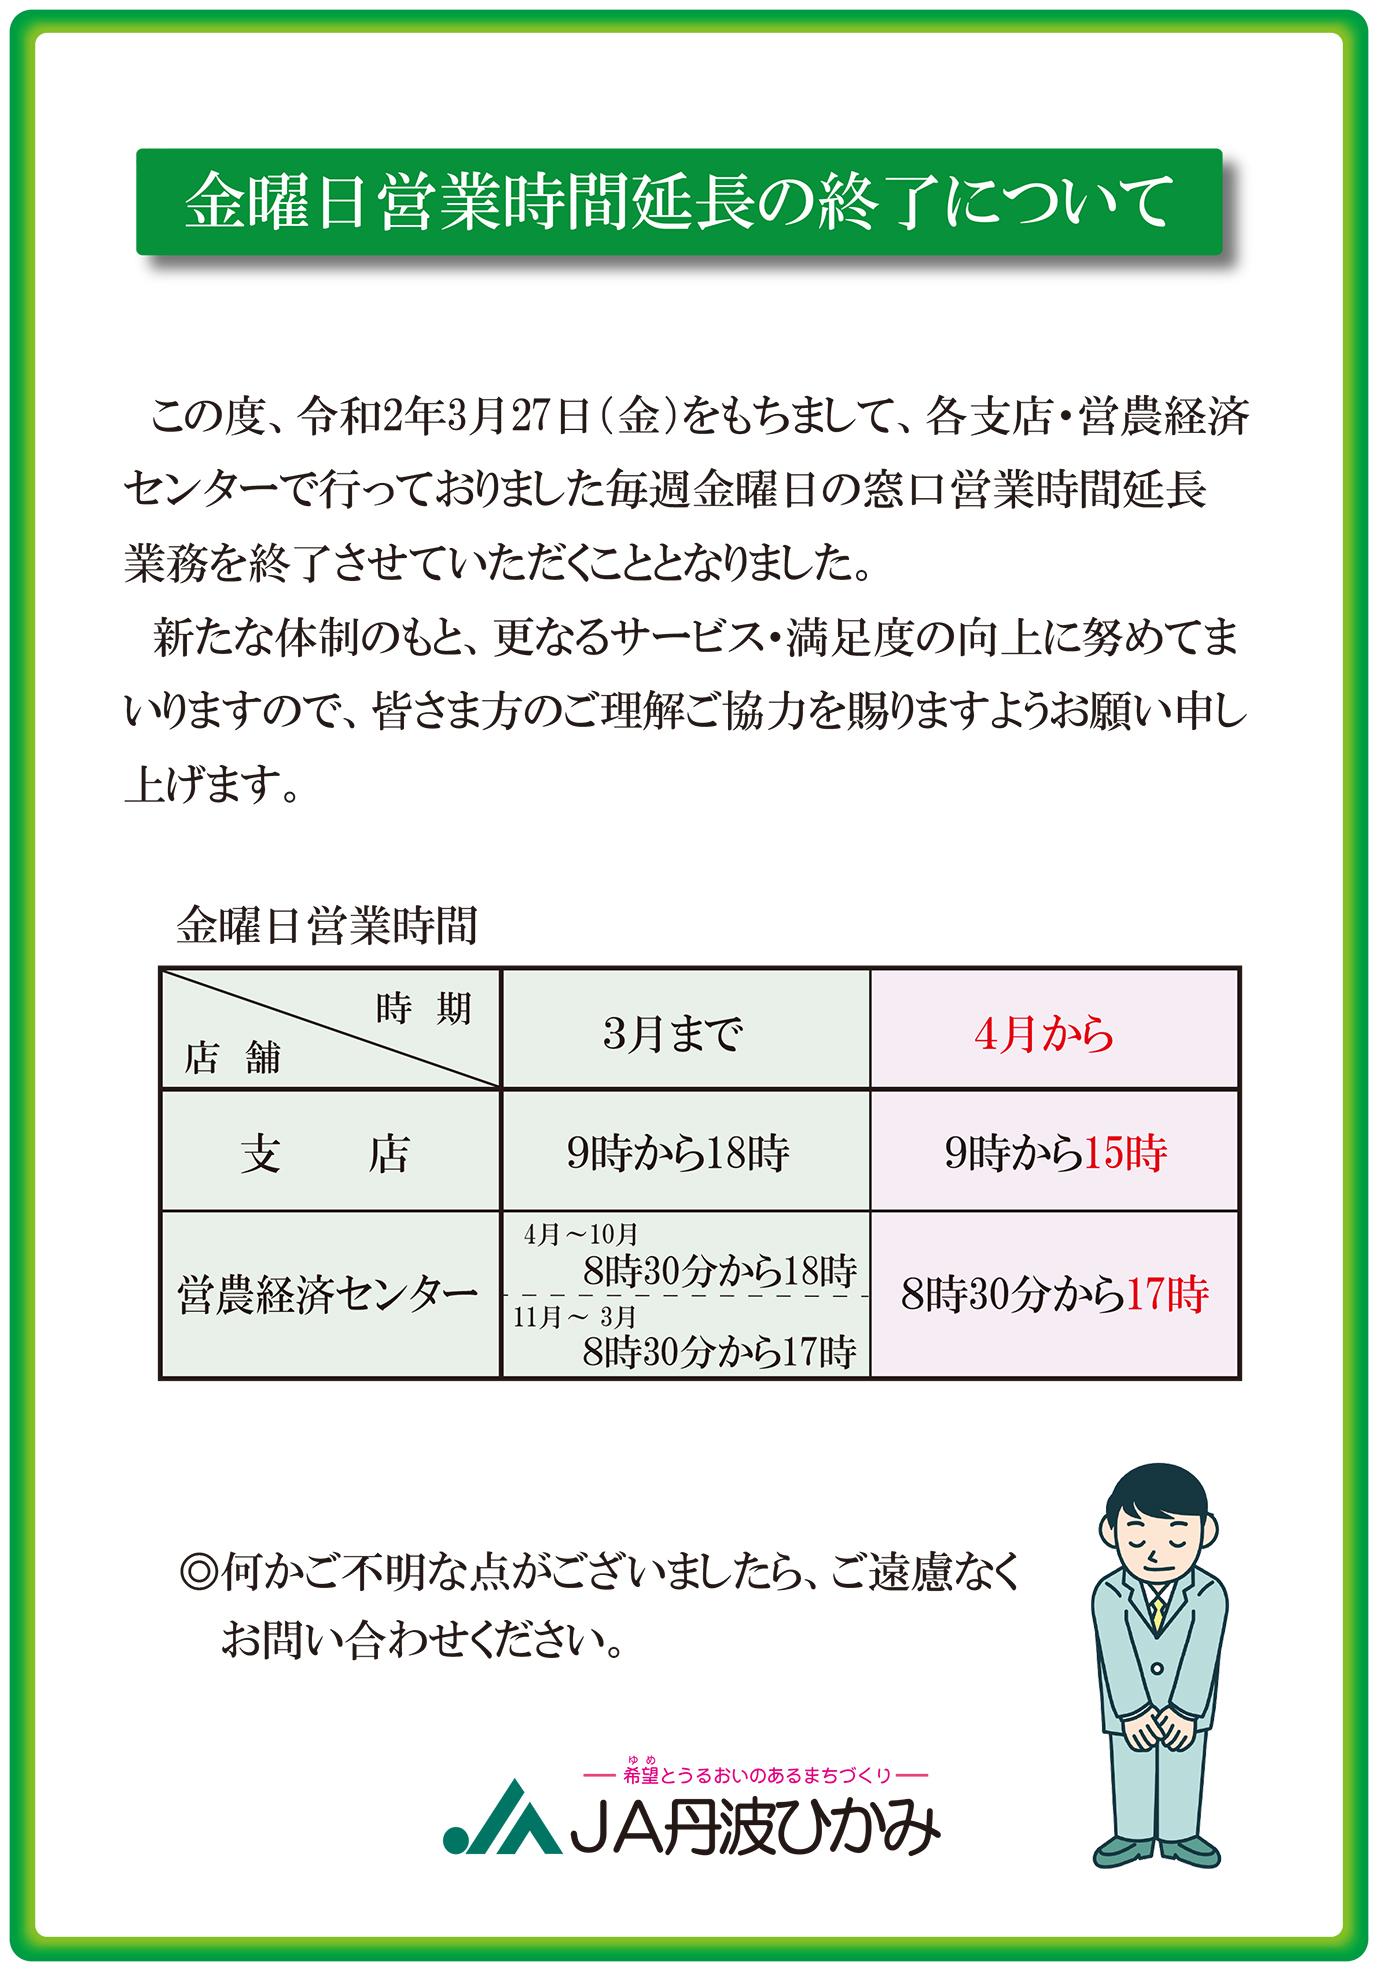 窓口時間延長 終了のお知らせ(ポスター)2